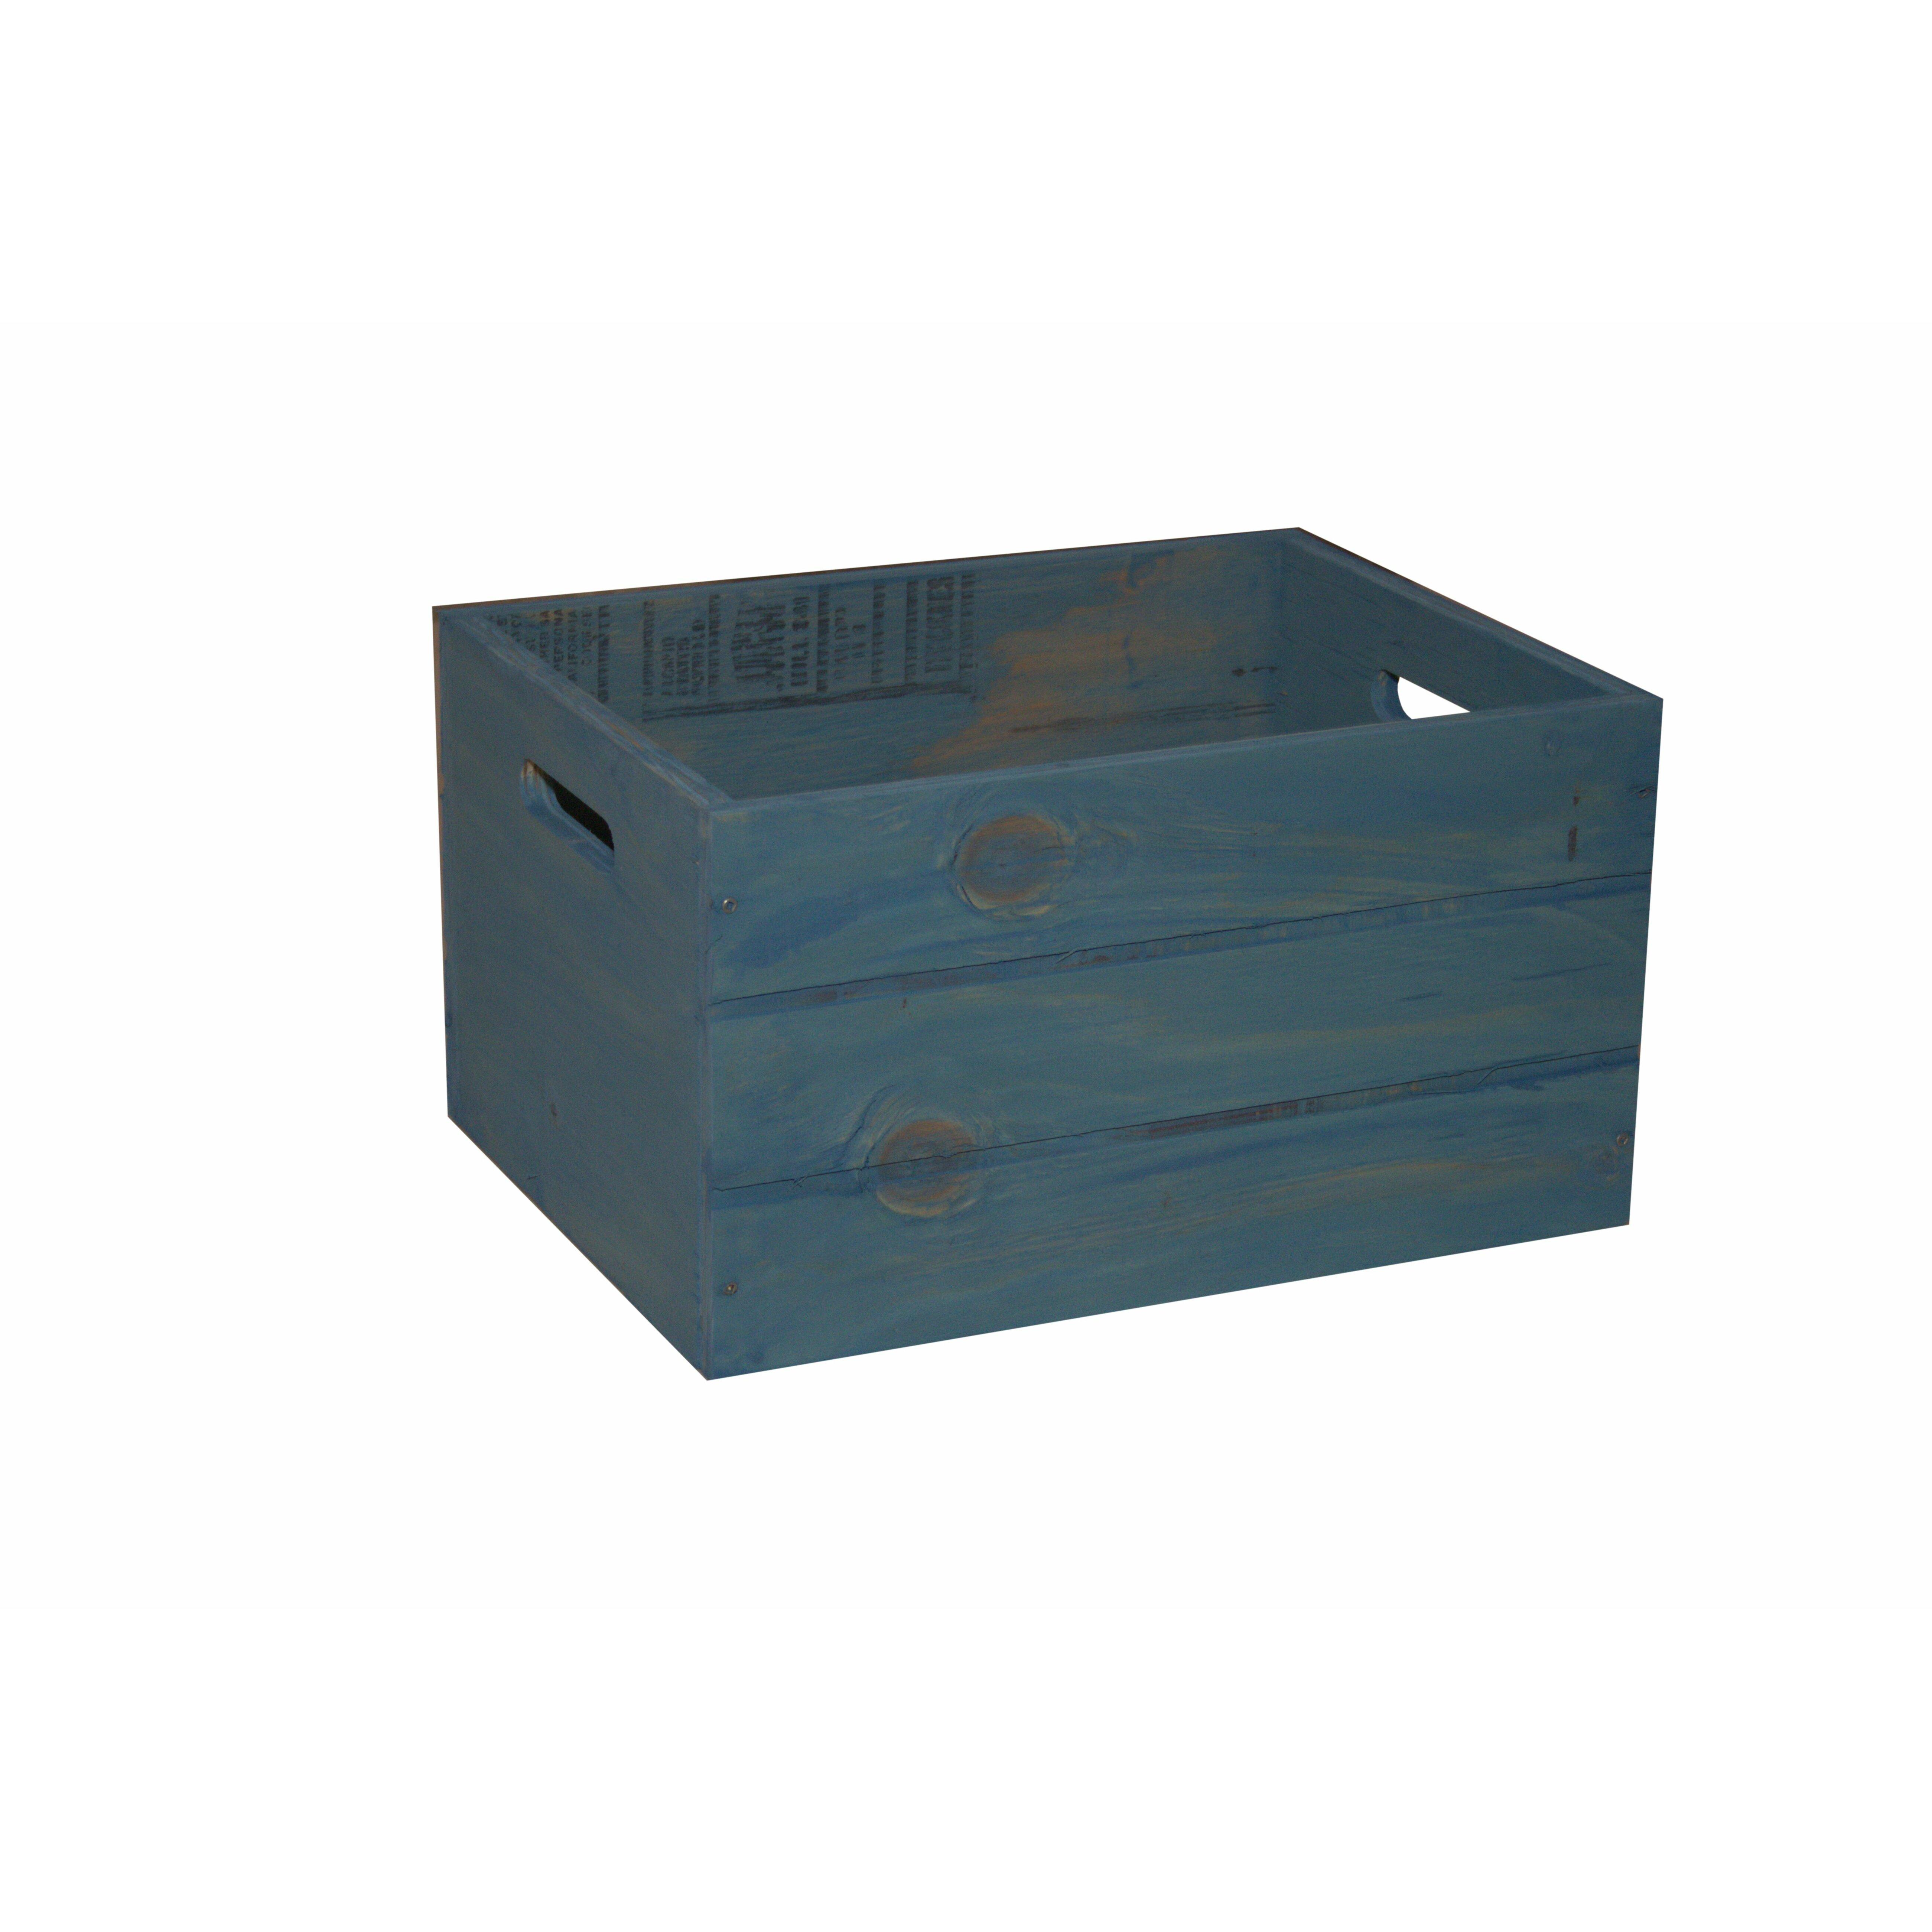 Susquehanna Garden Concepts Rectangular Planter Box